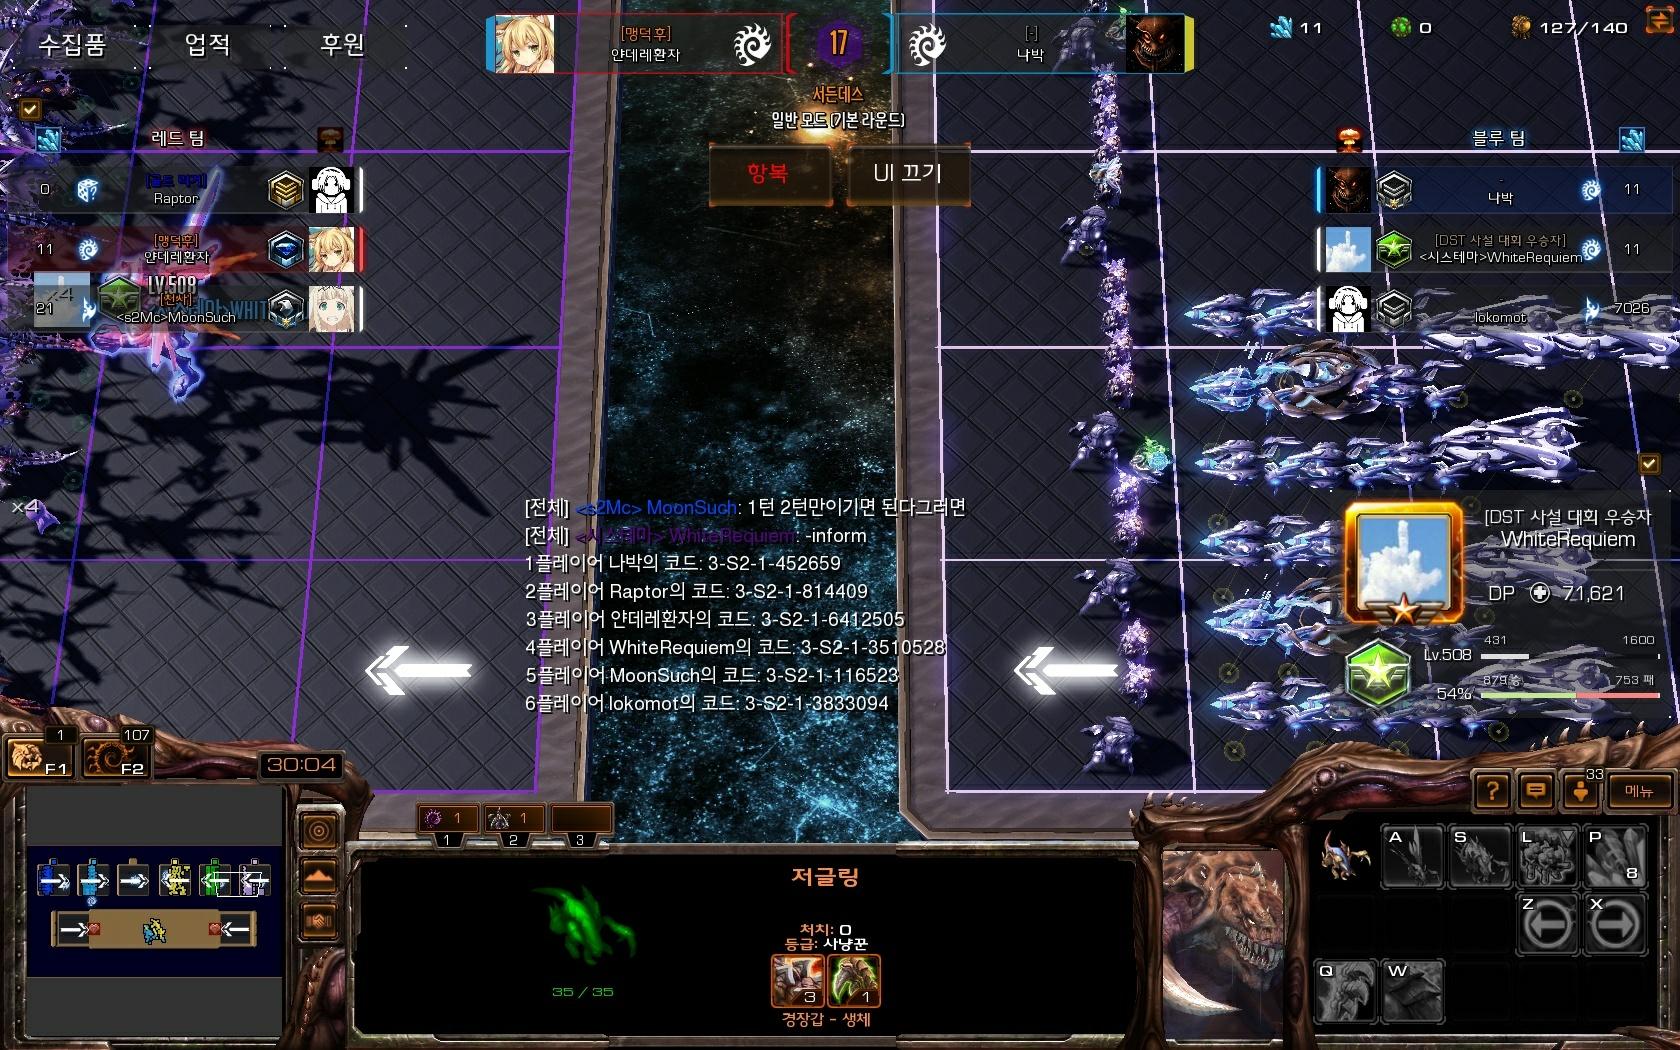 Screenshot2019-12-30 23_04_49.jpg